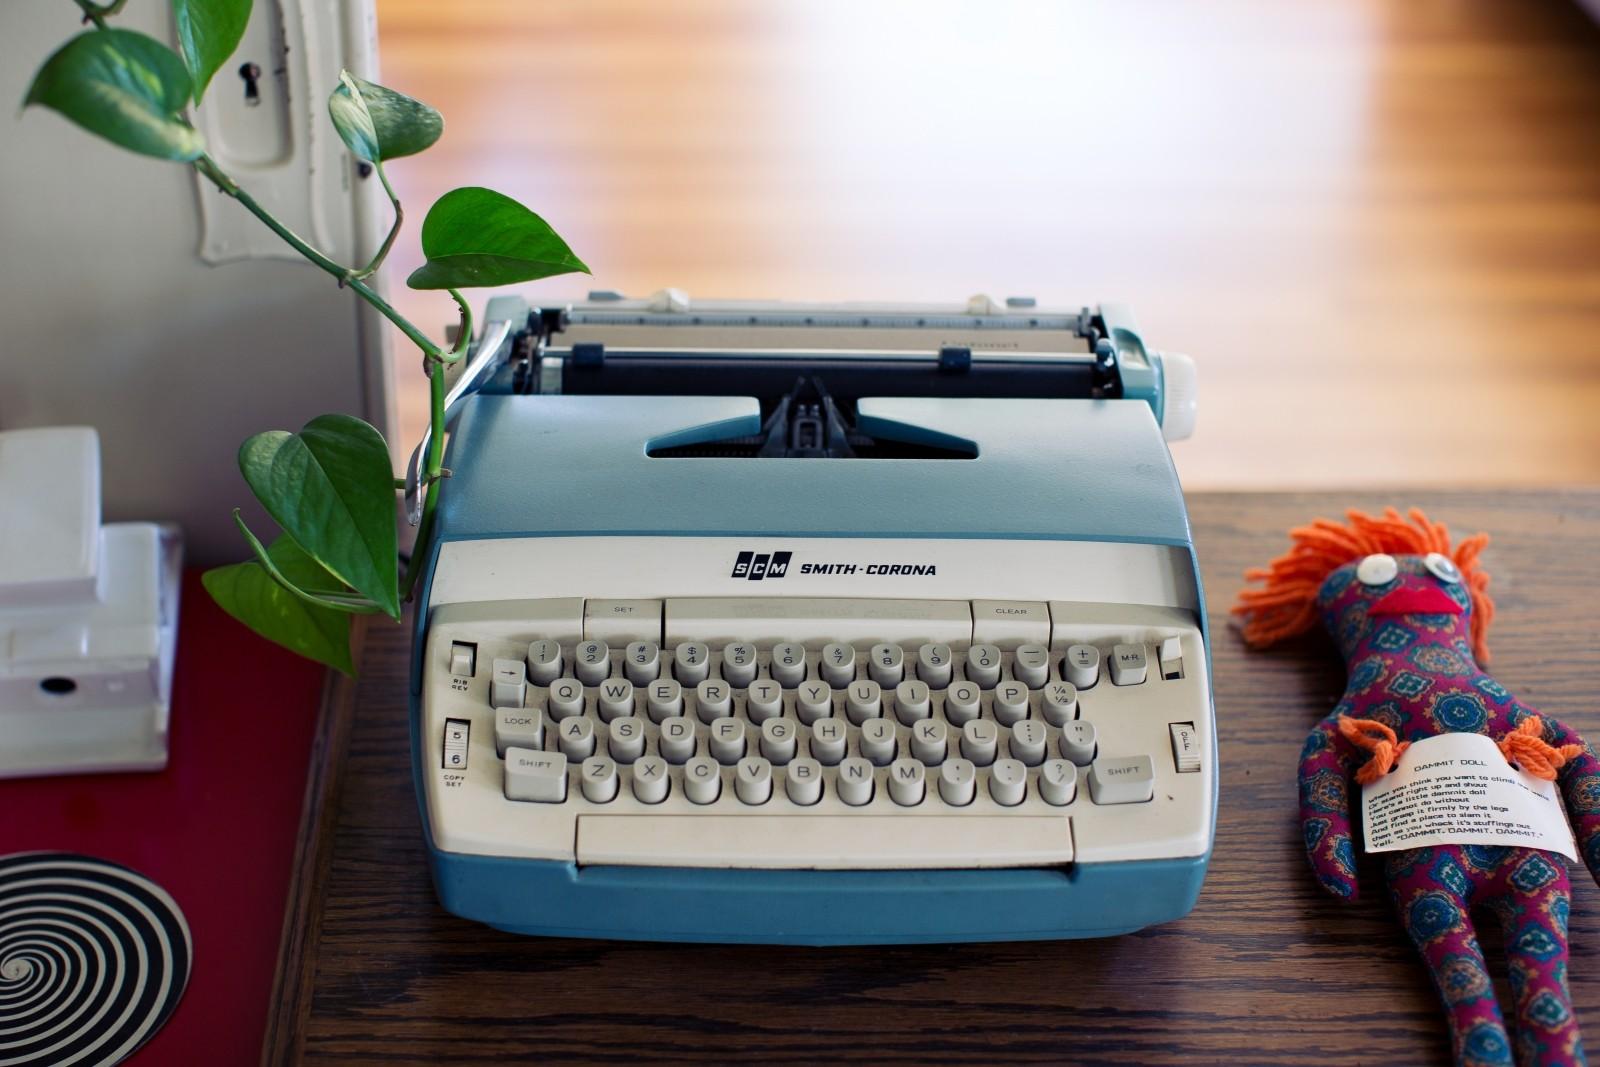 タイプライターMarkdowntypewriter-button-electronic